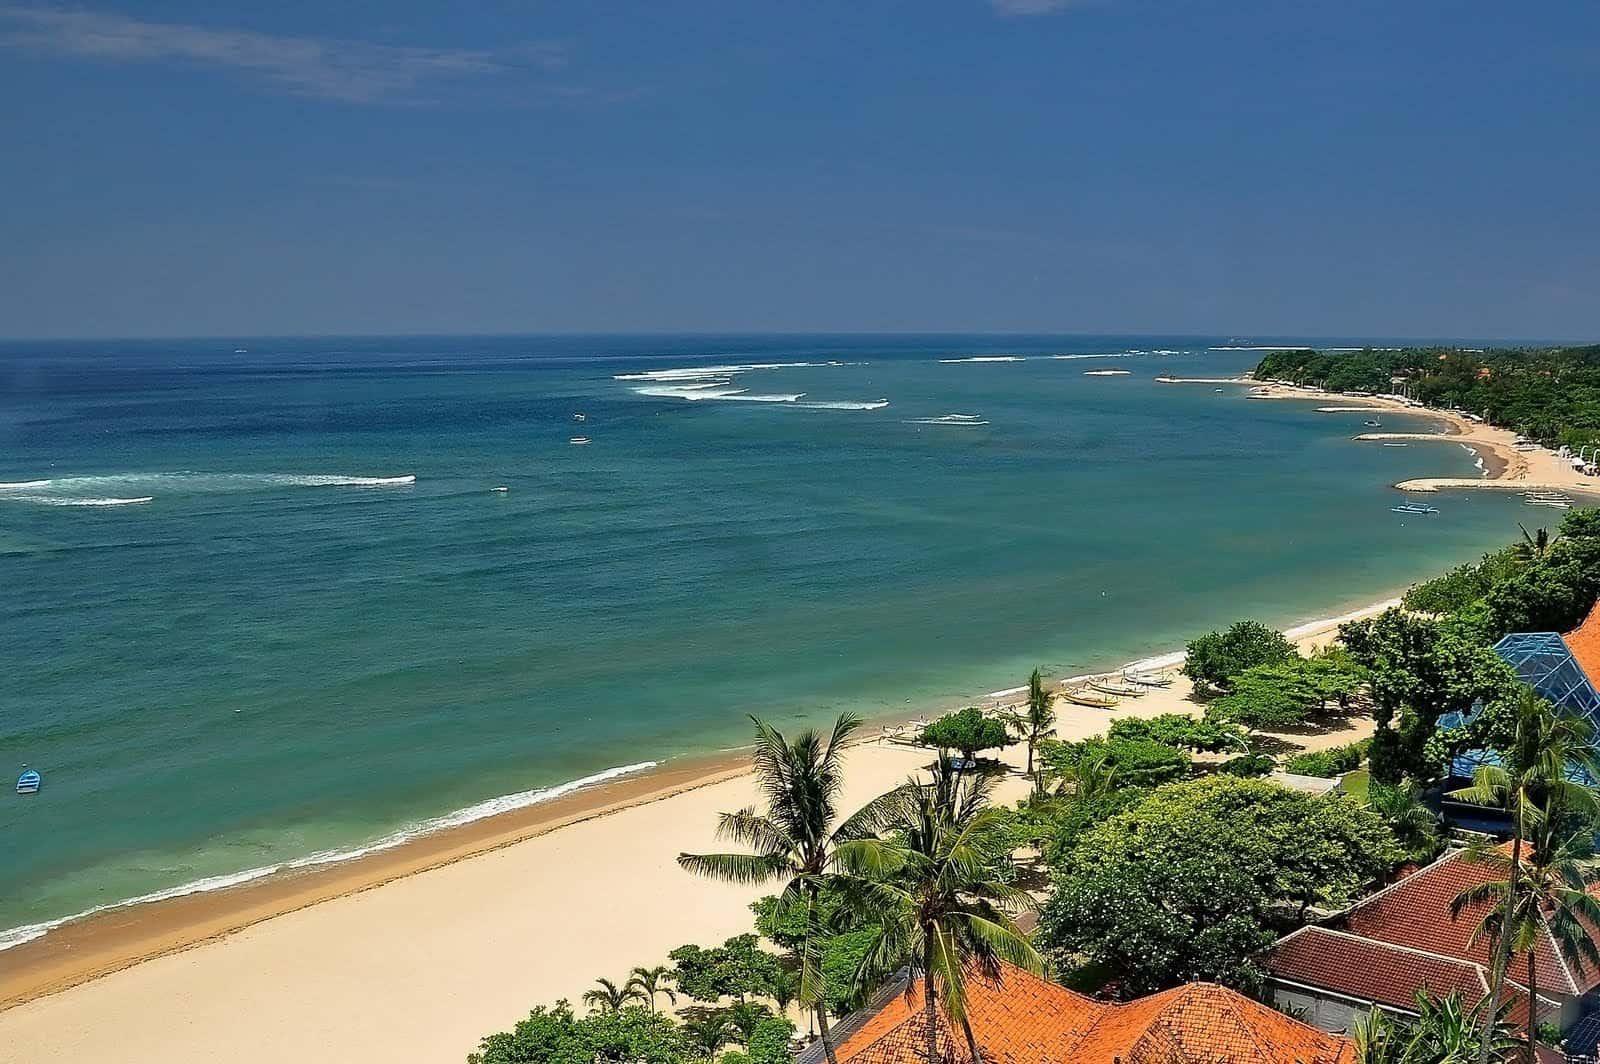 شاطئ كوتا في جزيرة بالي